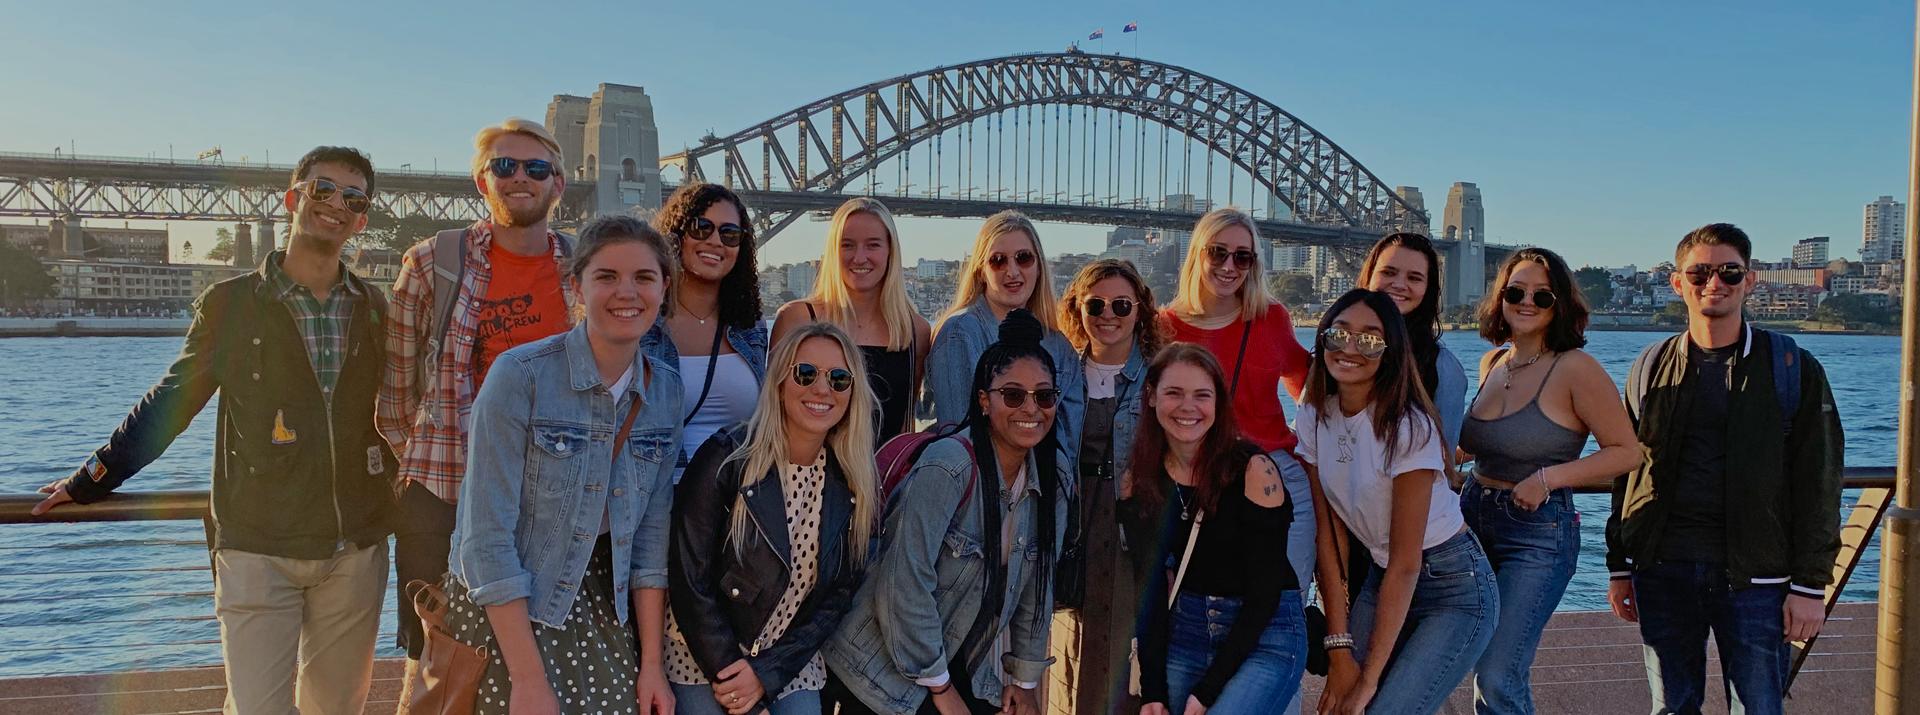 Sydney Australia Intern Abroad